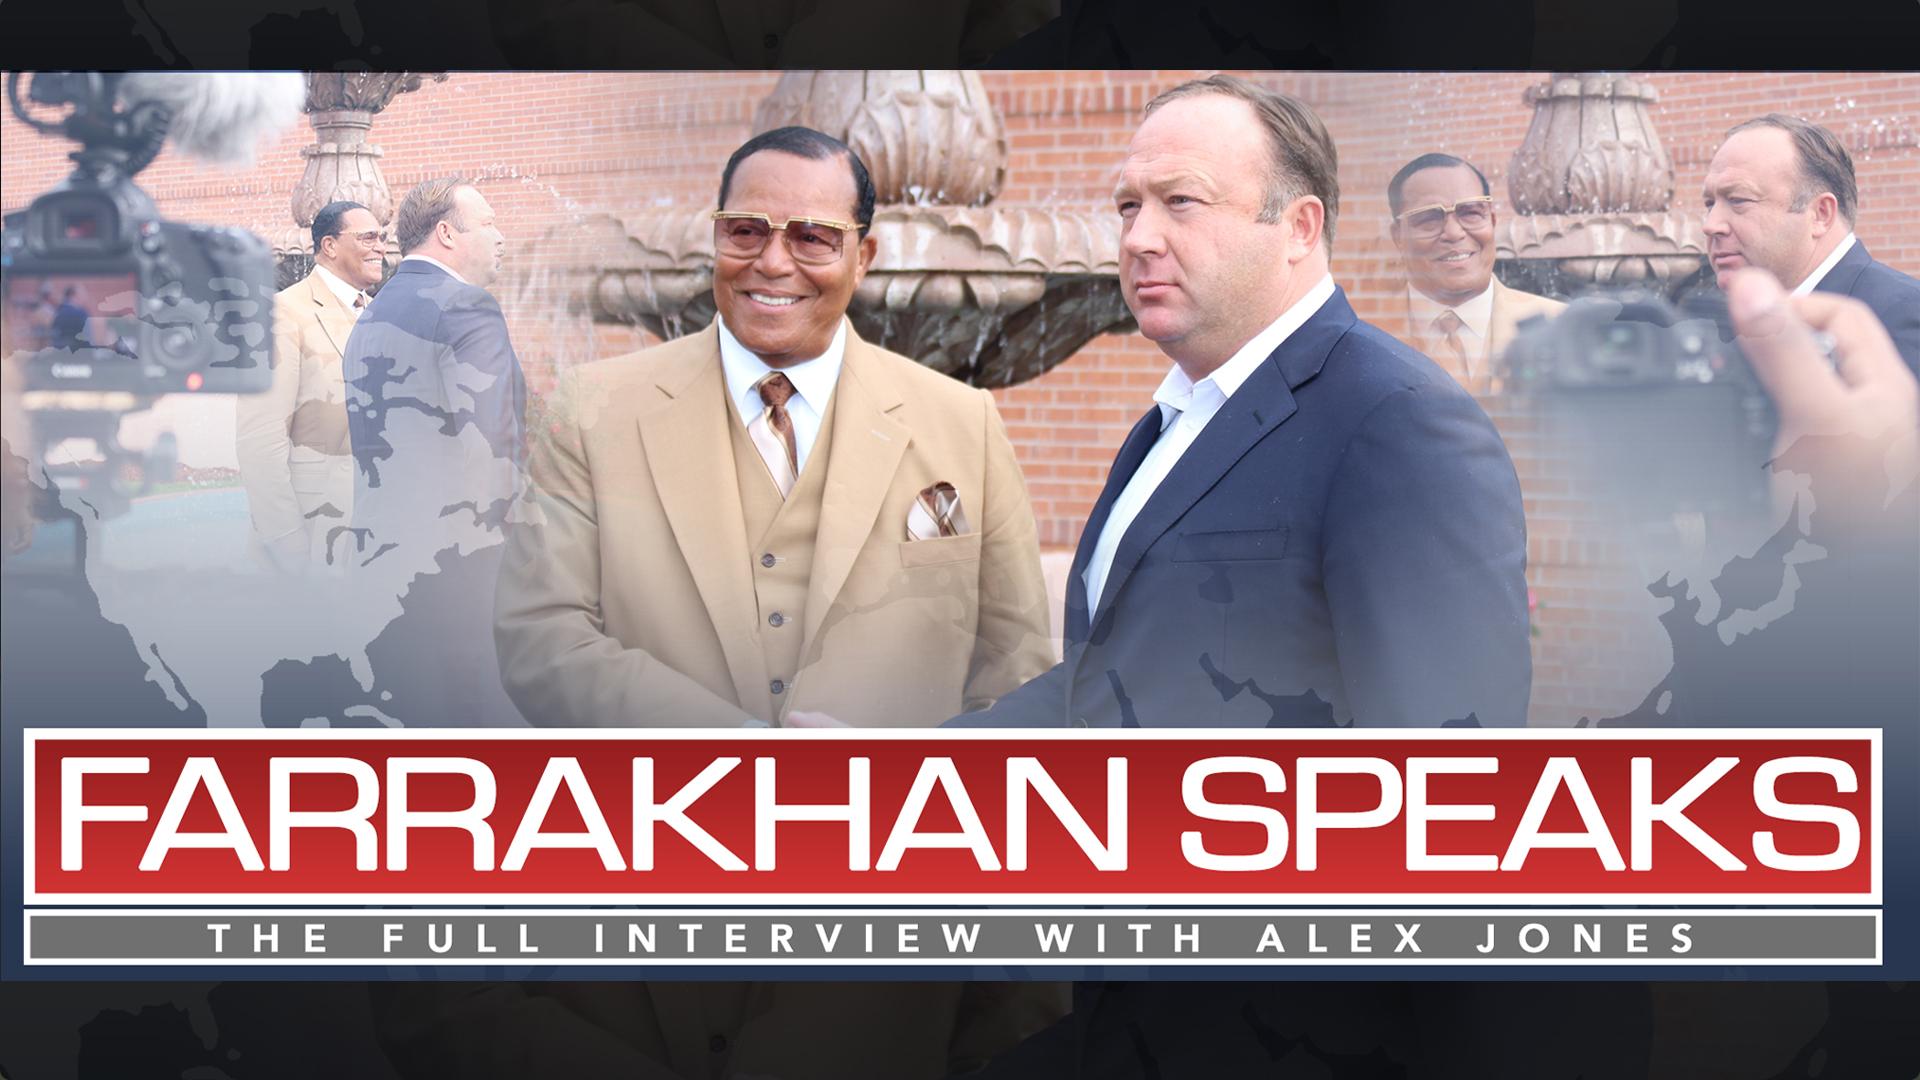 Minister Farrakhan interviews with Alex Jones of Info Wars